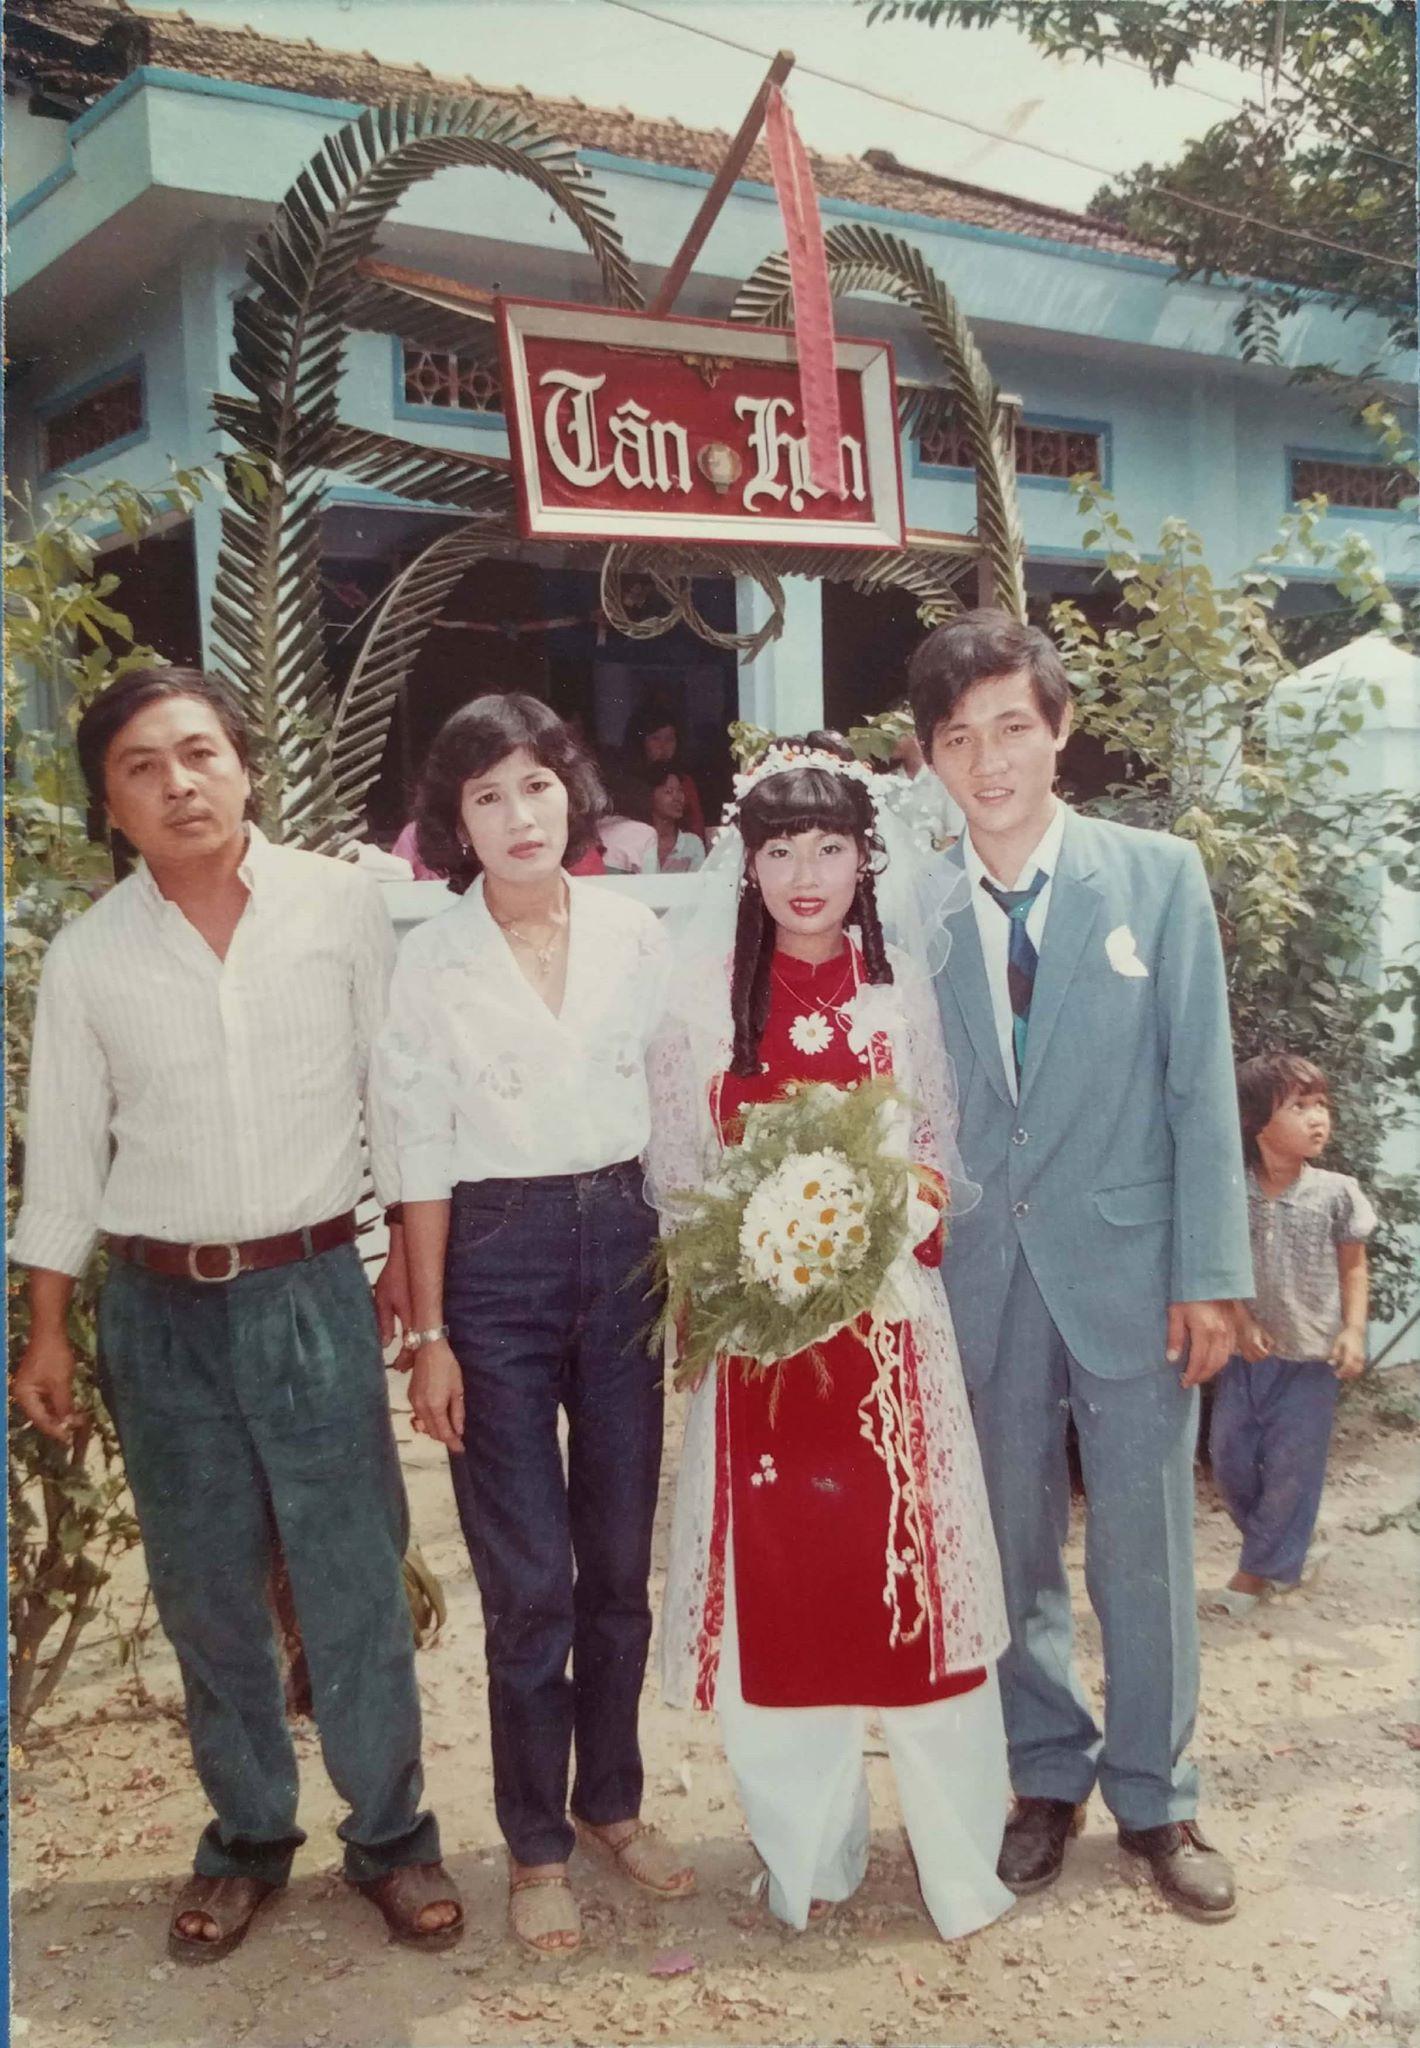 31 năm trước uống một cốc nước mía bên đường, người đàn ông mê luôn cô bán hàng, diễn một cú lừa rồi thành công cưới về làm vợ-7